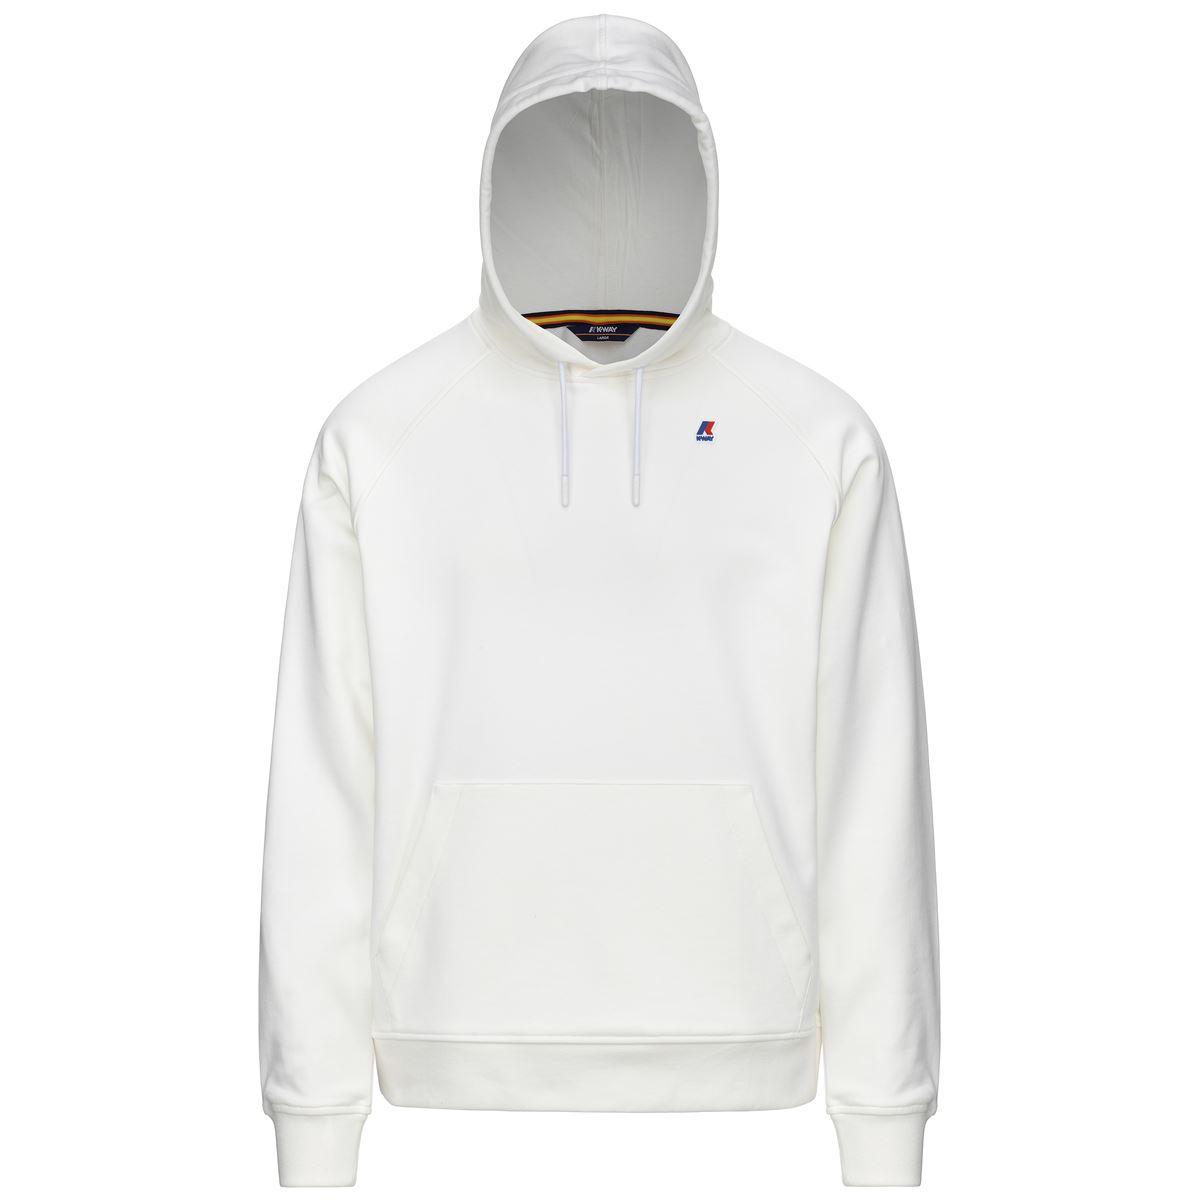 Alban Cotton sweatshirt with hood and pocket K-WAY | Sweatshirt | K11215WXRE